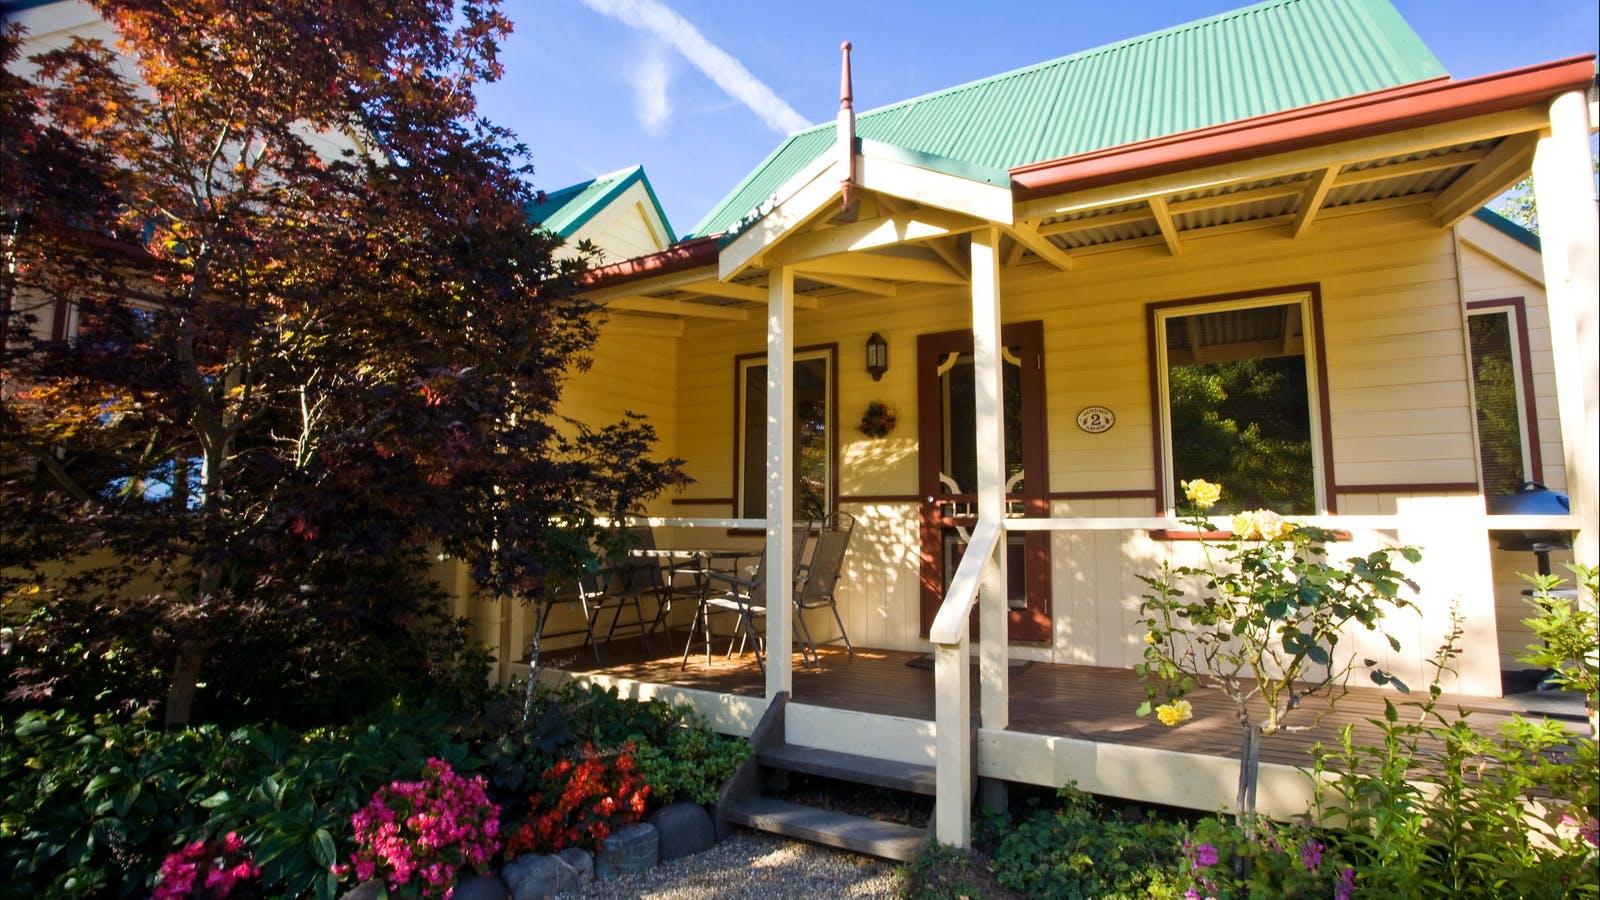 Autumn Abode Cottages